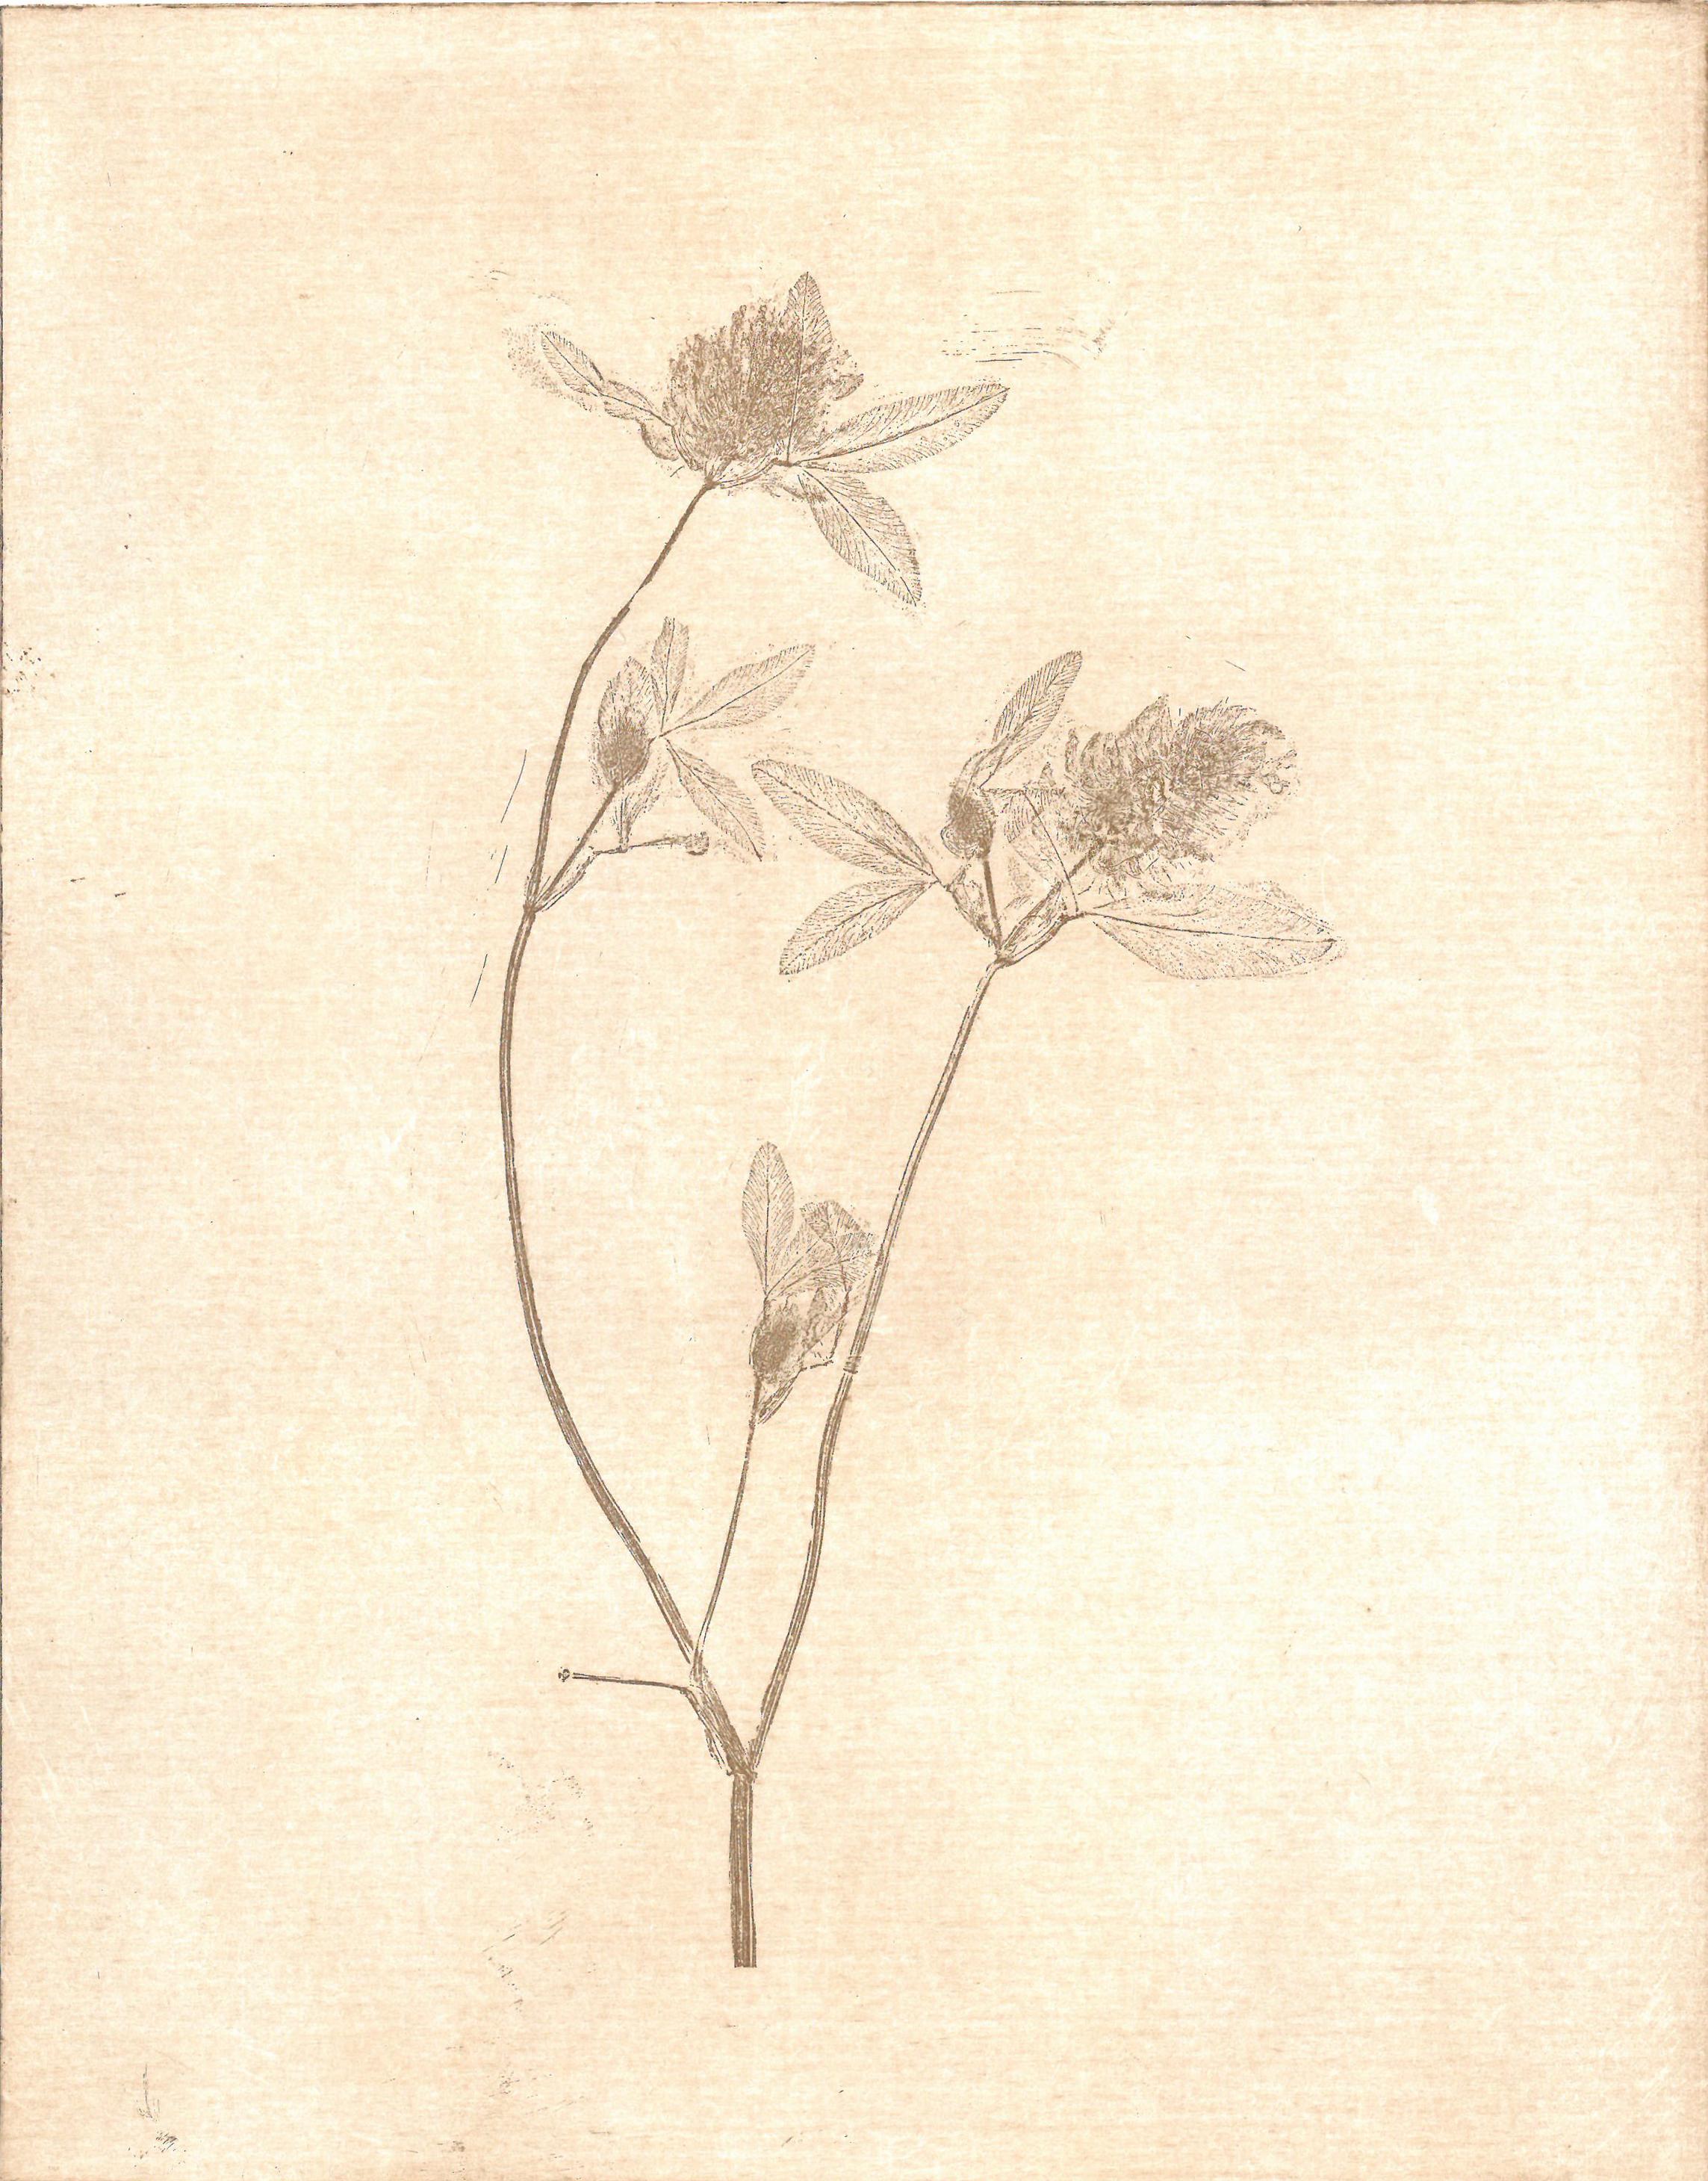 - Trifolium pratense Bee breadBroad-leaved cloverClover grassCommon cloverCow grassMarl grassPinkiesPurple cloverPurplewortRed cloverSucklesSugar plum